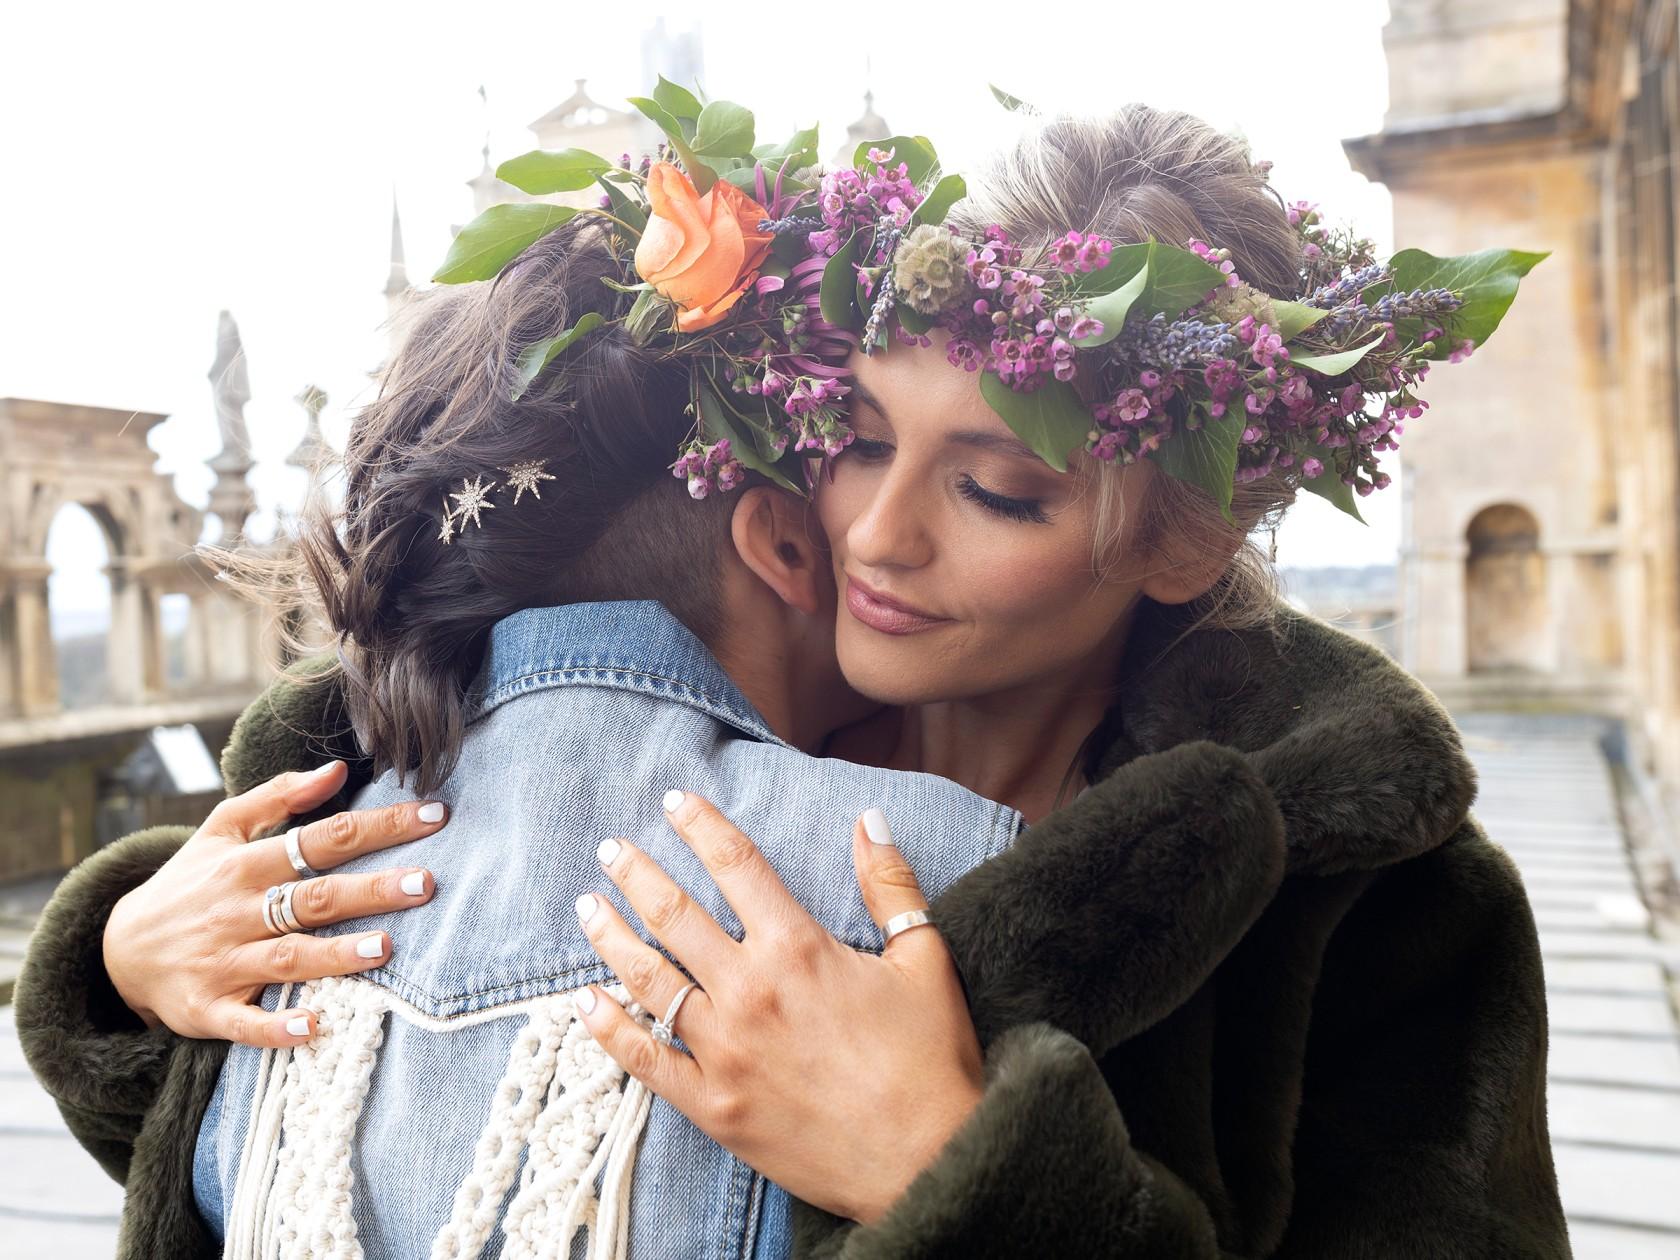 bridal flower crown, bridal headpieces, bridal hair flowers, unique bridal hair, bridal hair accessories, modern boho wedding